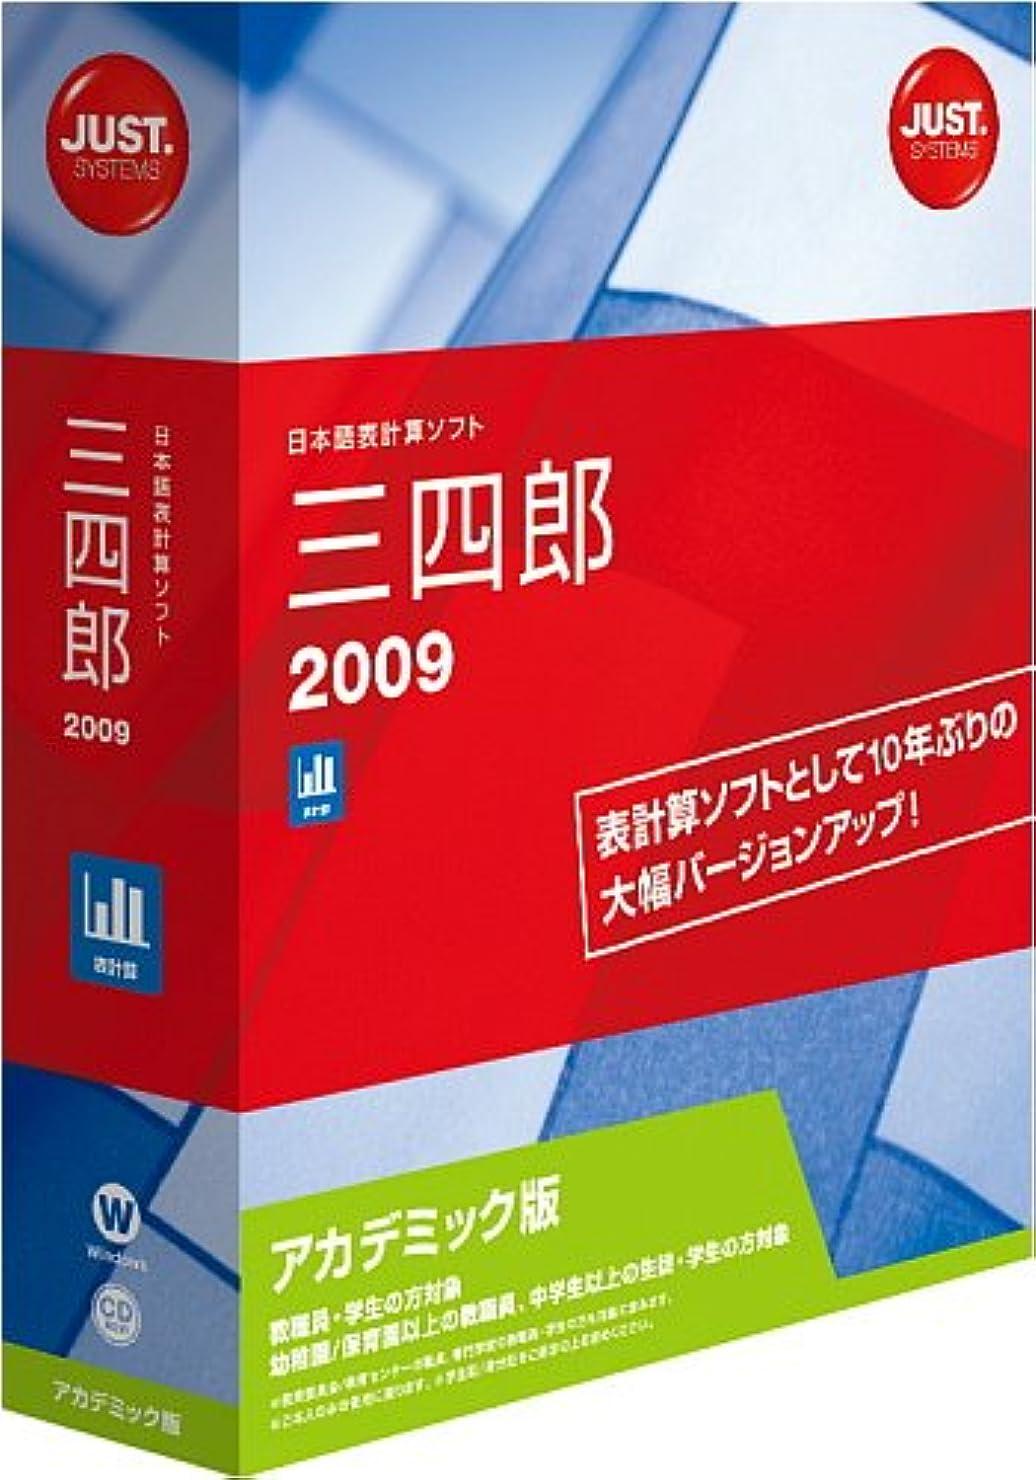 繁栄する豆腐本能三四郎2009 アカデミック版